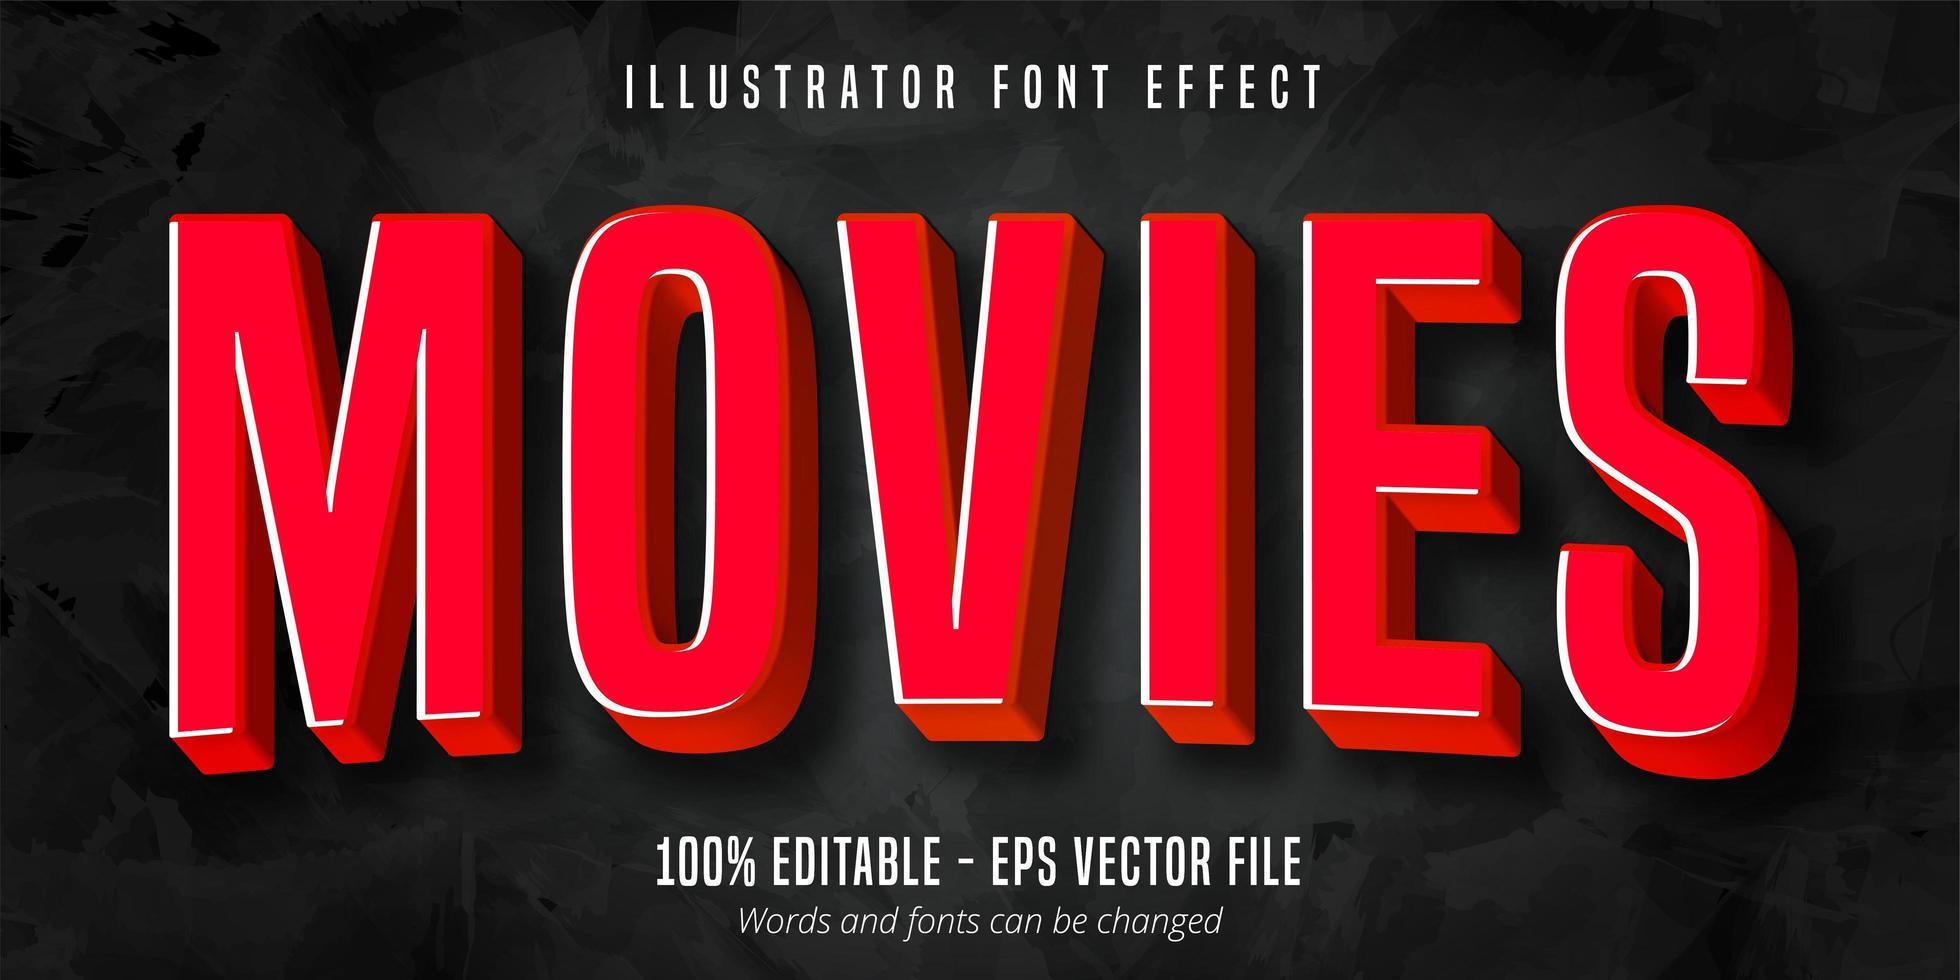 filmtext, redigerbar teckensnittseffekt 3d i röd filmstil vektor